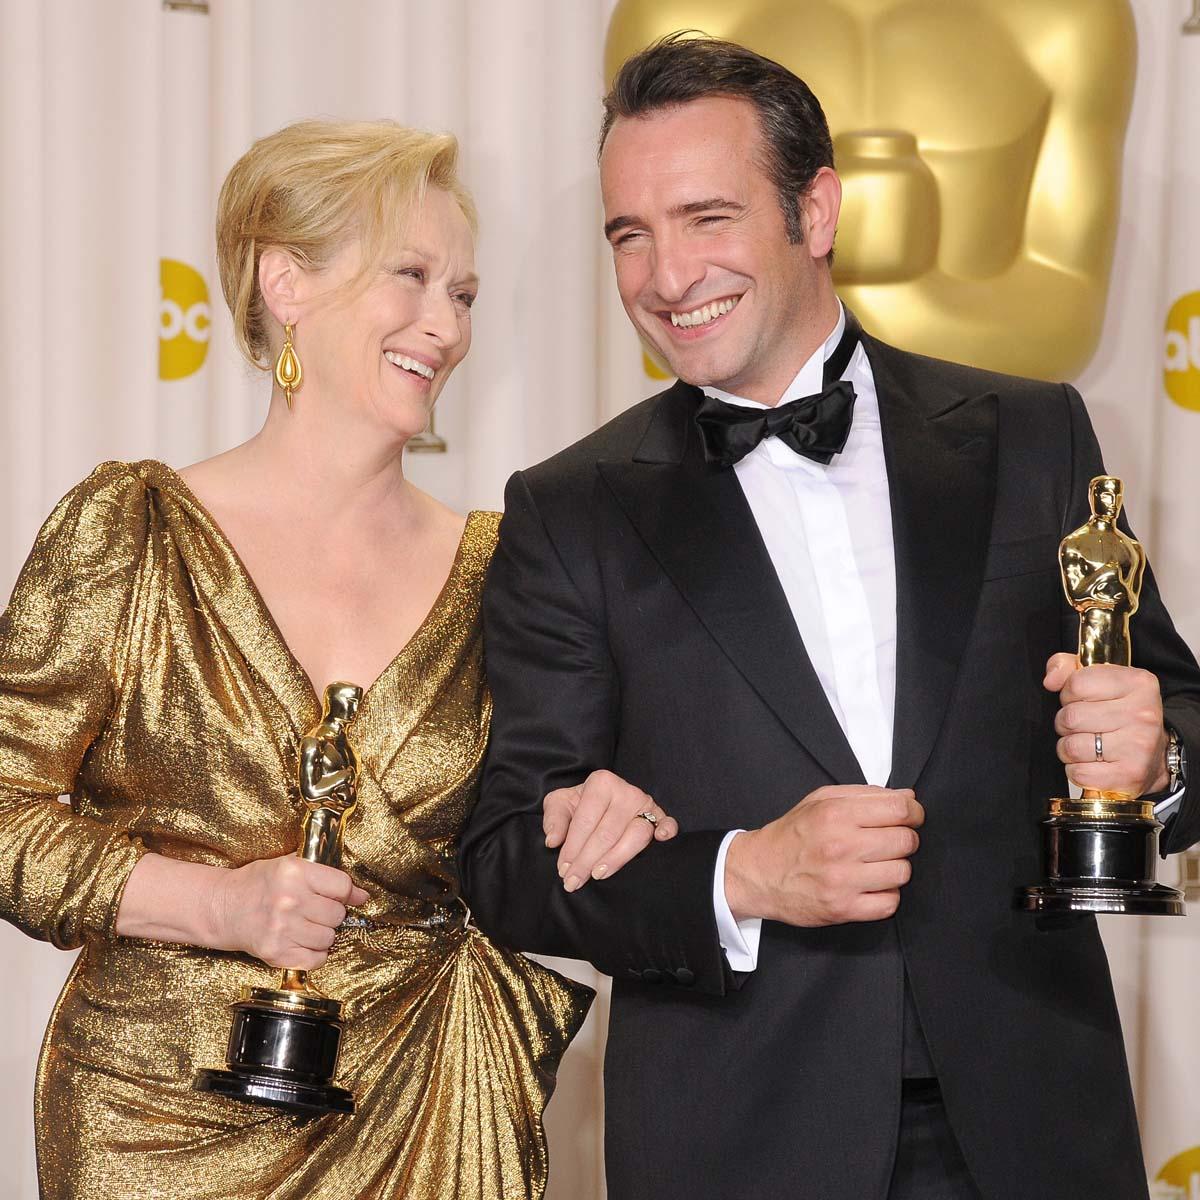 La Cote des Montres : Photo - Pour remporter l'Oscar,  Jean Dujardin porte sa montre Memovox Tribute to deep sea de Jaeger-LeCoultre